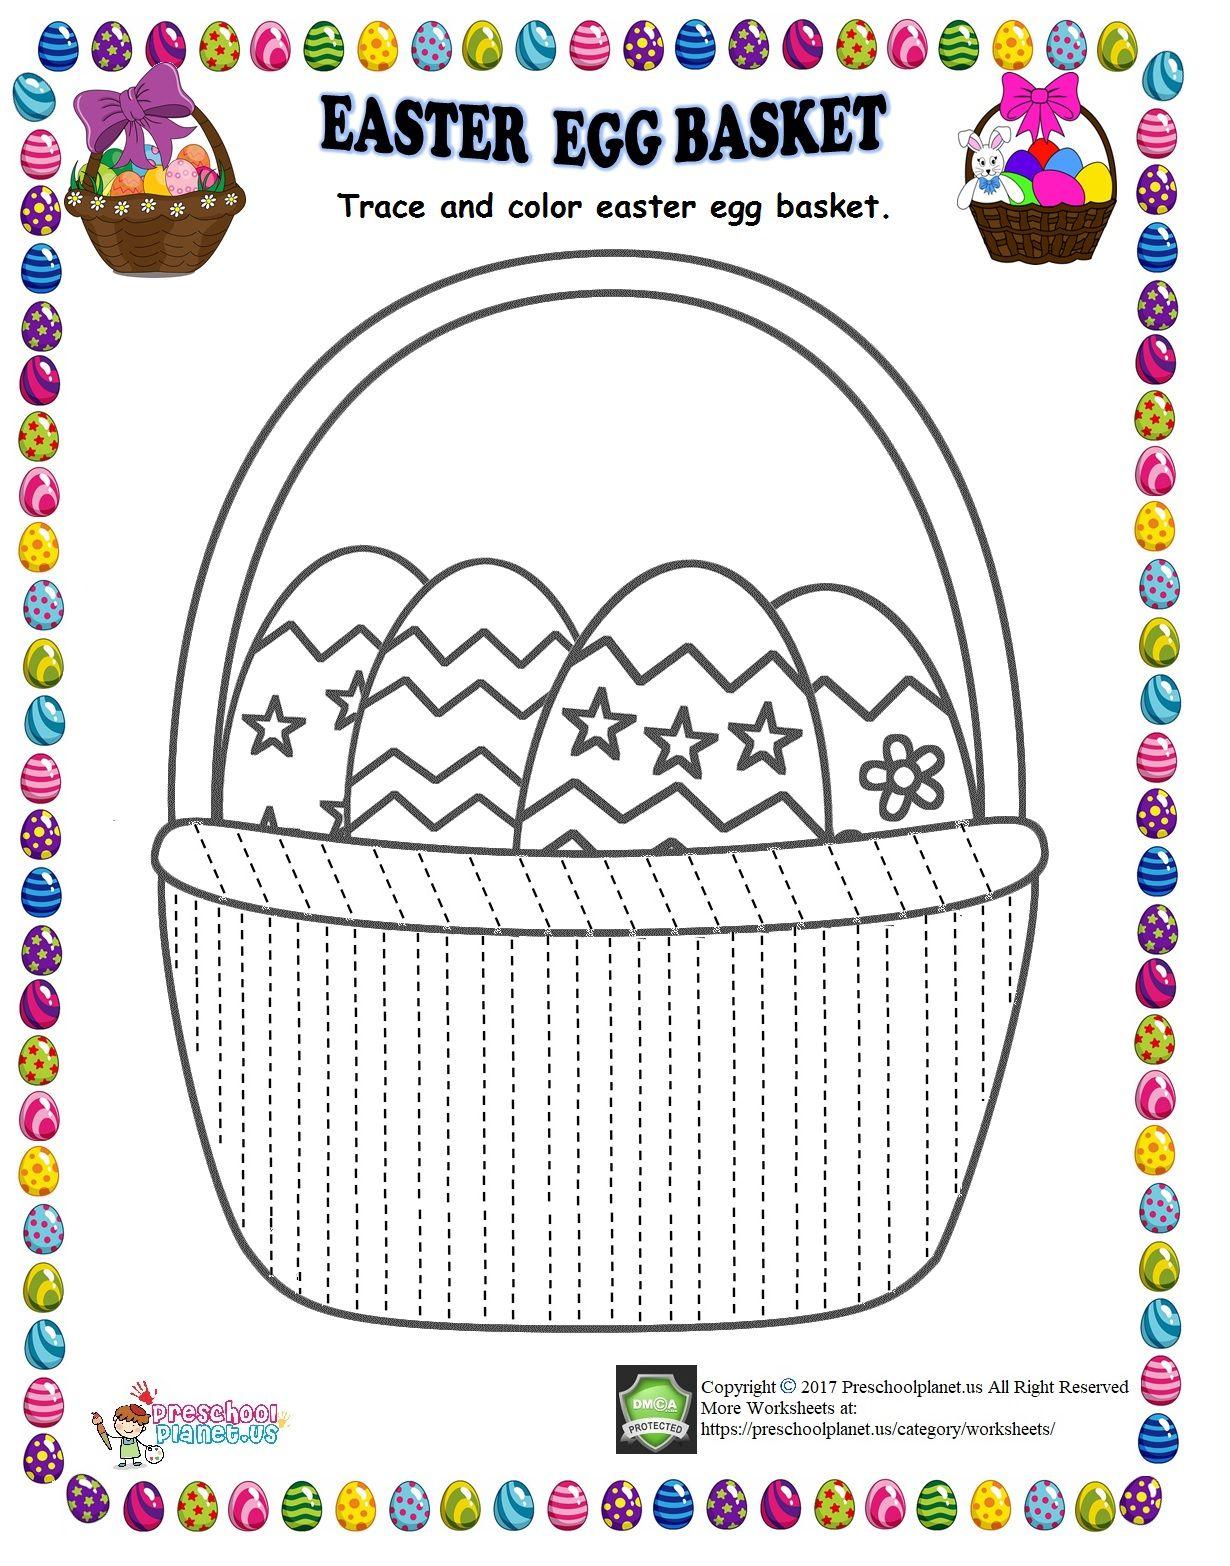 Easter Egg Basket Trace Line Worksheet Easter Egg Basket Egg Basket Easter Worksheets [ 1566 x 1230 Pixel ]